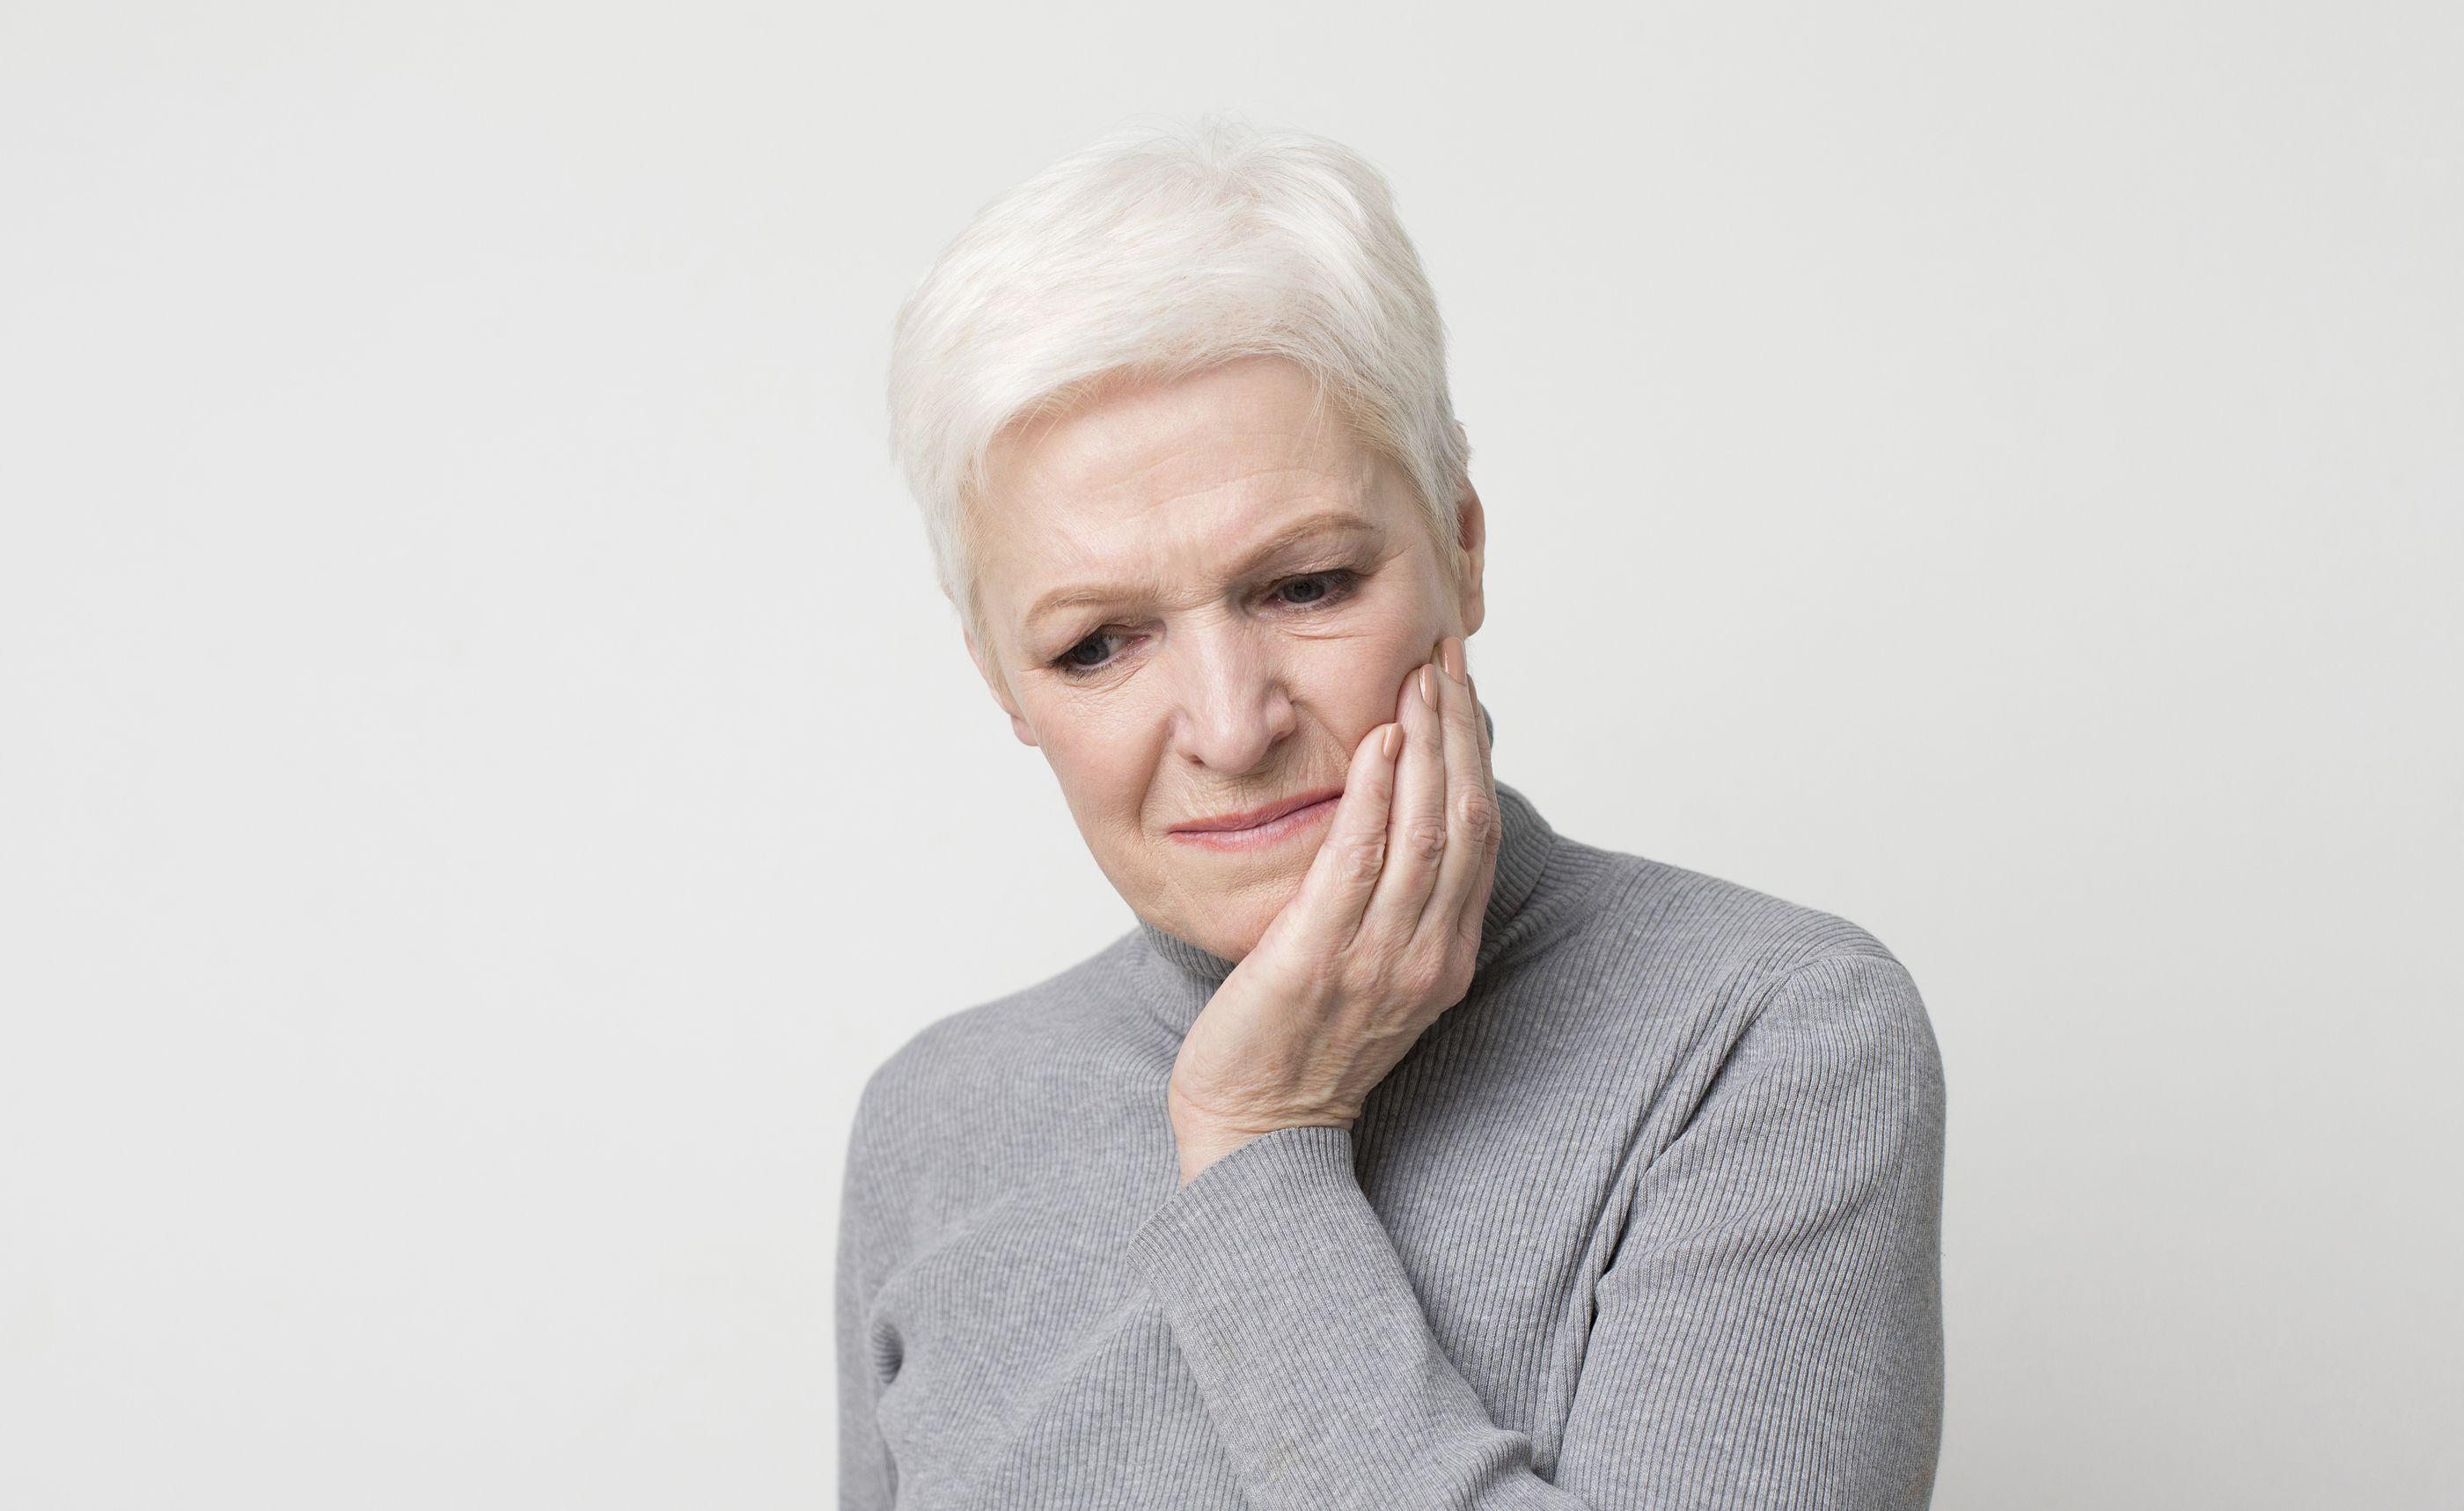 10 rimedi casalinghi per alleviare il temuto mal di denti